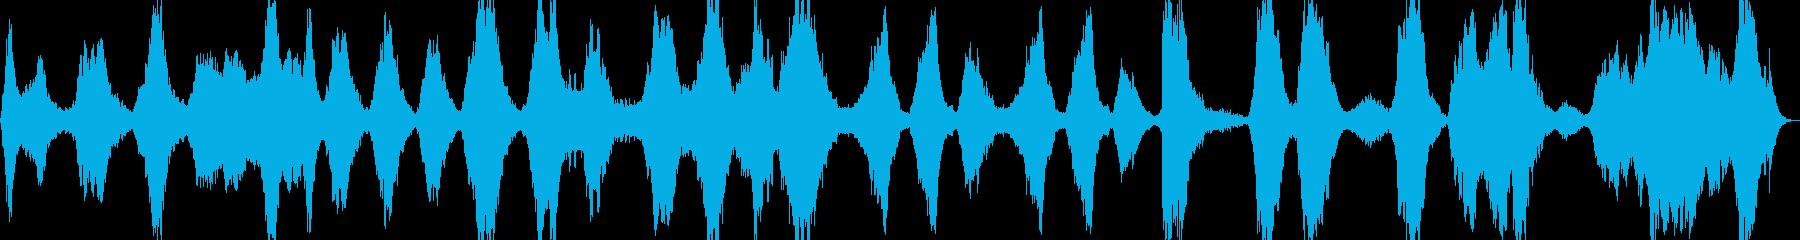 ゆったりとした弦とソプラノの声のメ...の再生済みの波形